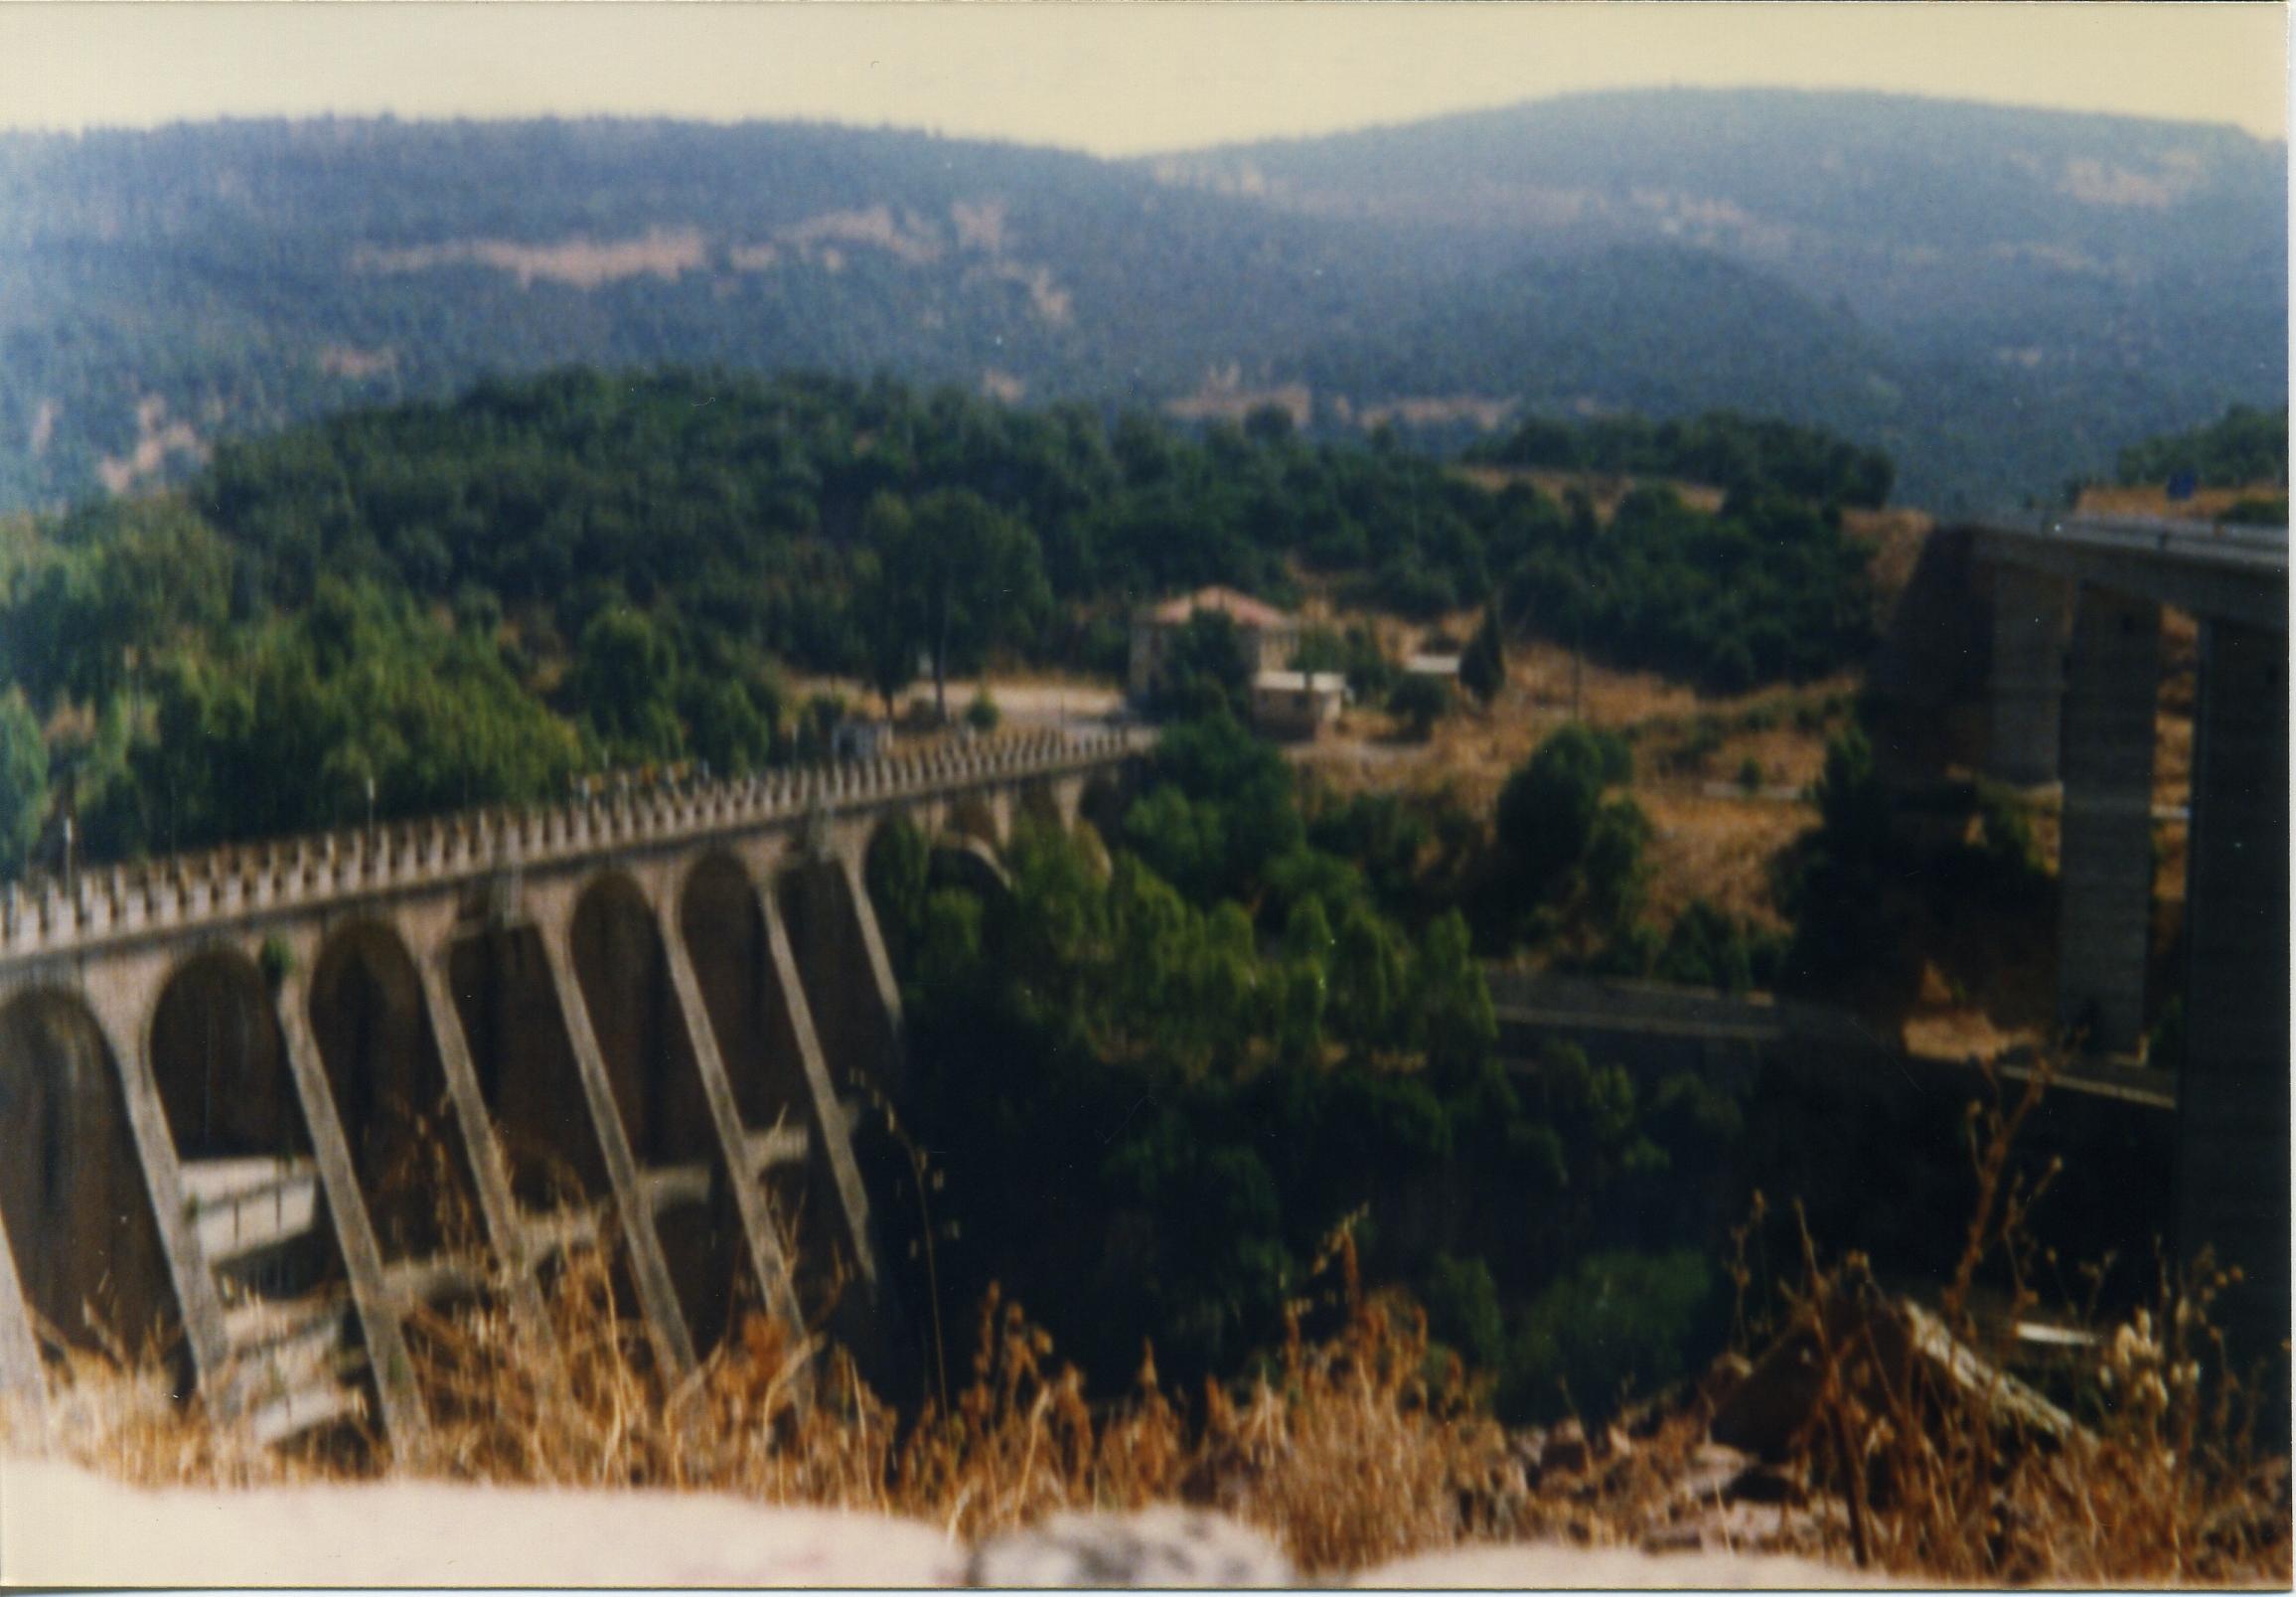 Settembre 1999 - La vecchia diga Omodeo